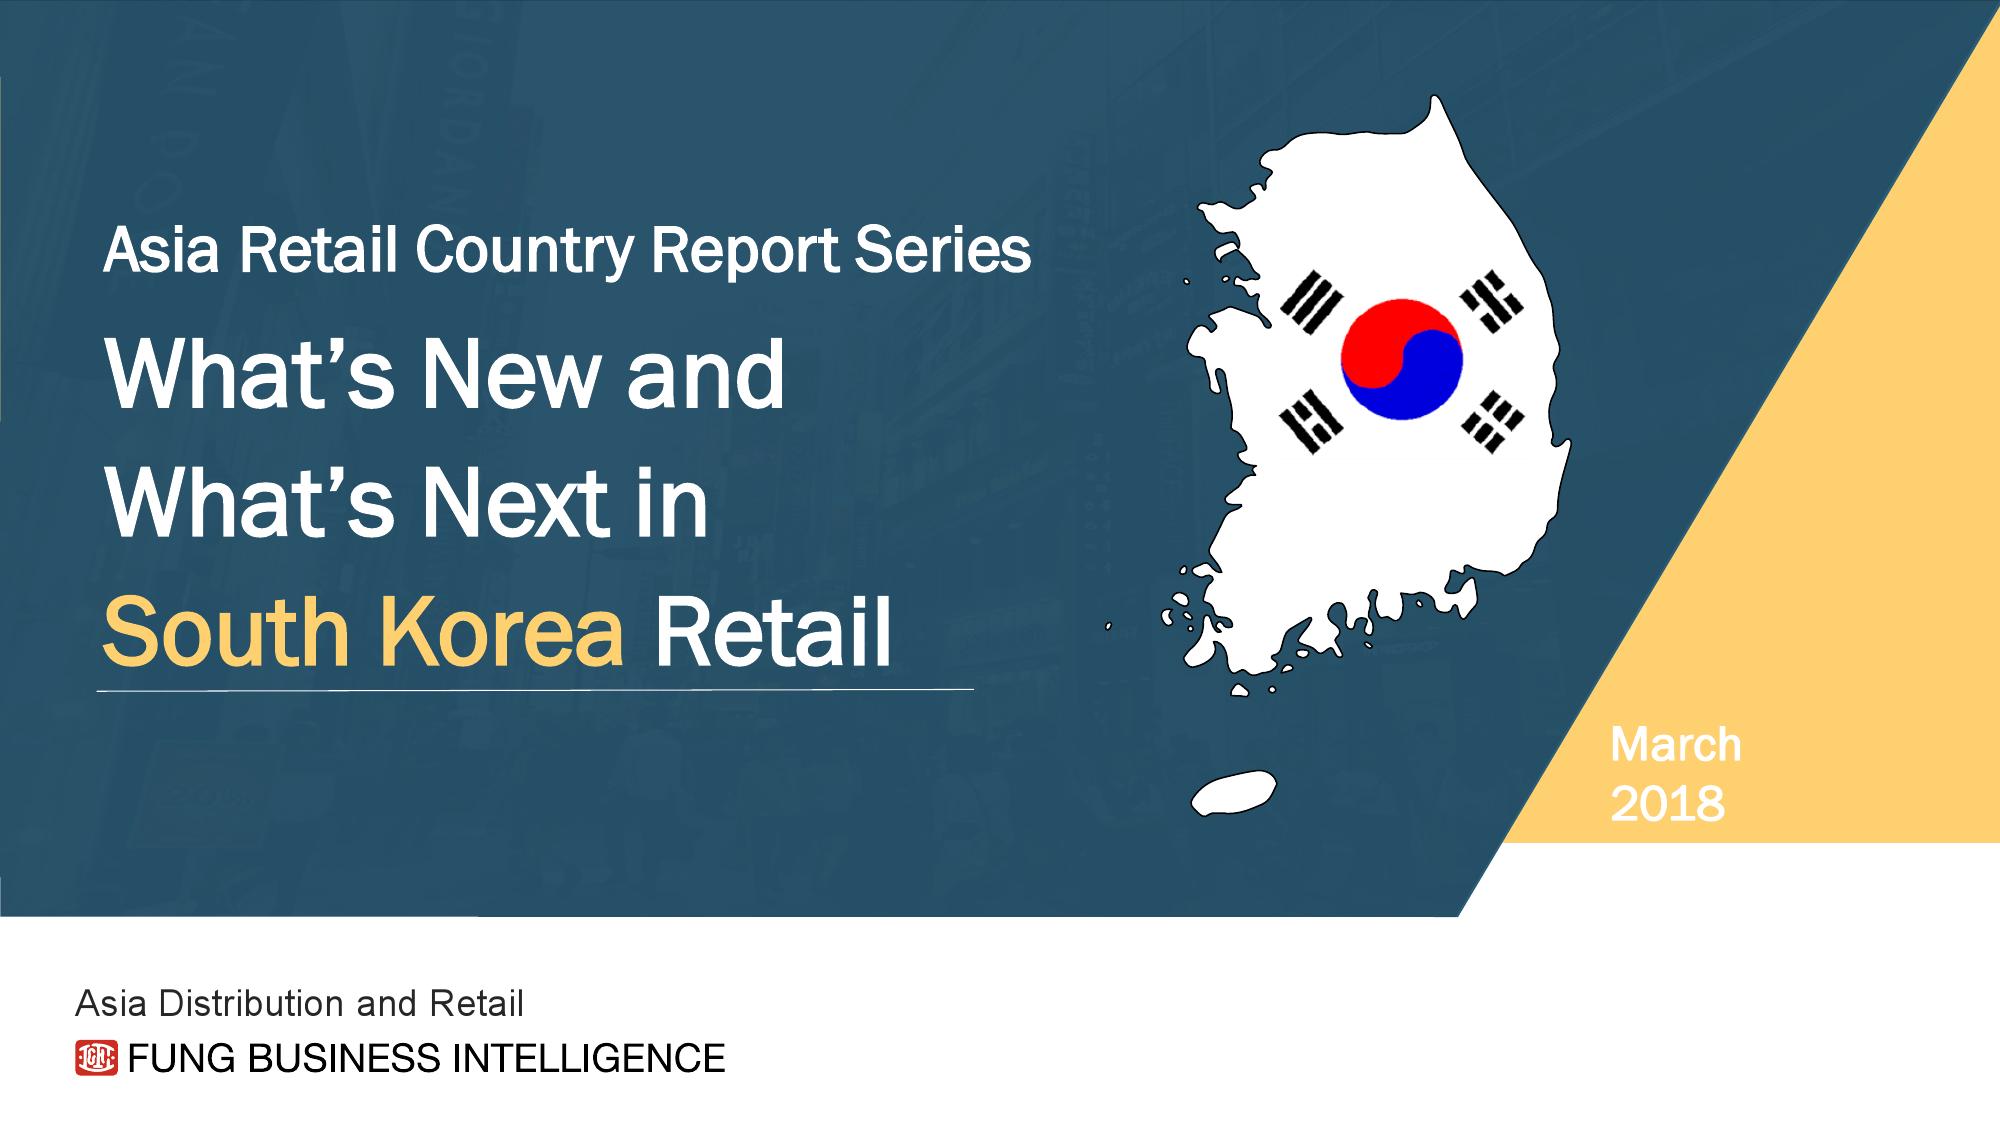 利丰研究院:韩国零售业的新进展和下一步发展(附下载)